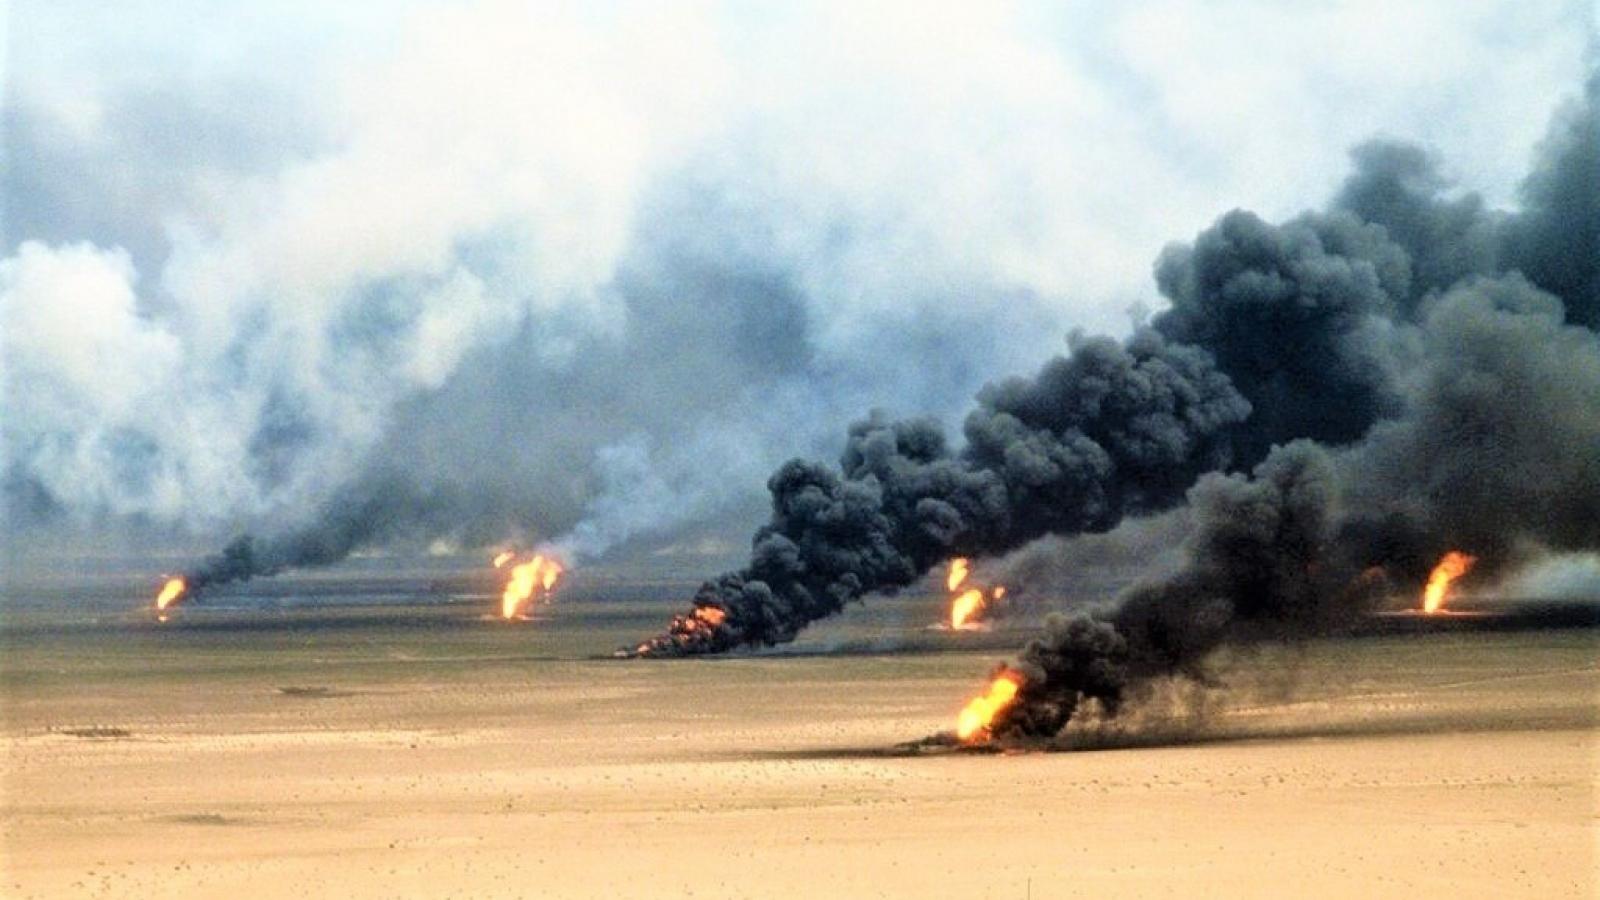 Năm lý do khiến Saddam Hussein nghĩ có thể tấn công Kuwait và giành chiến thắng